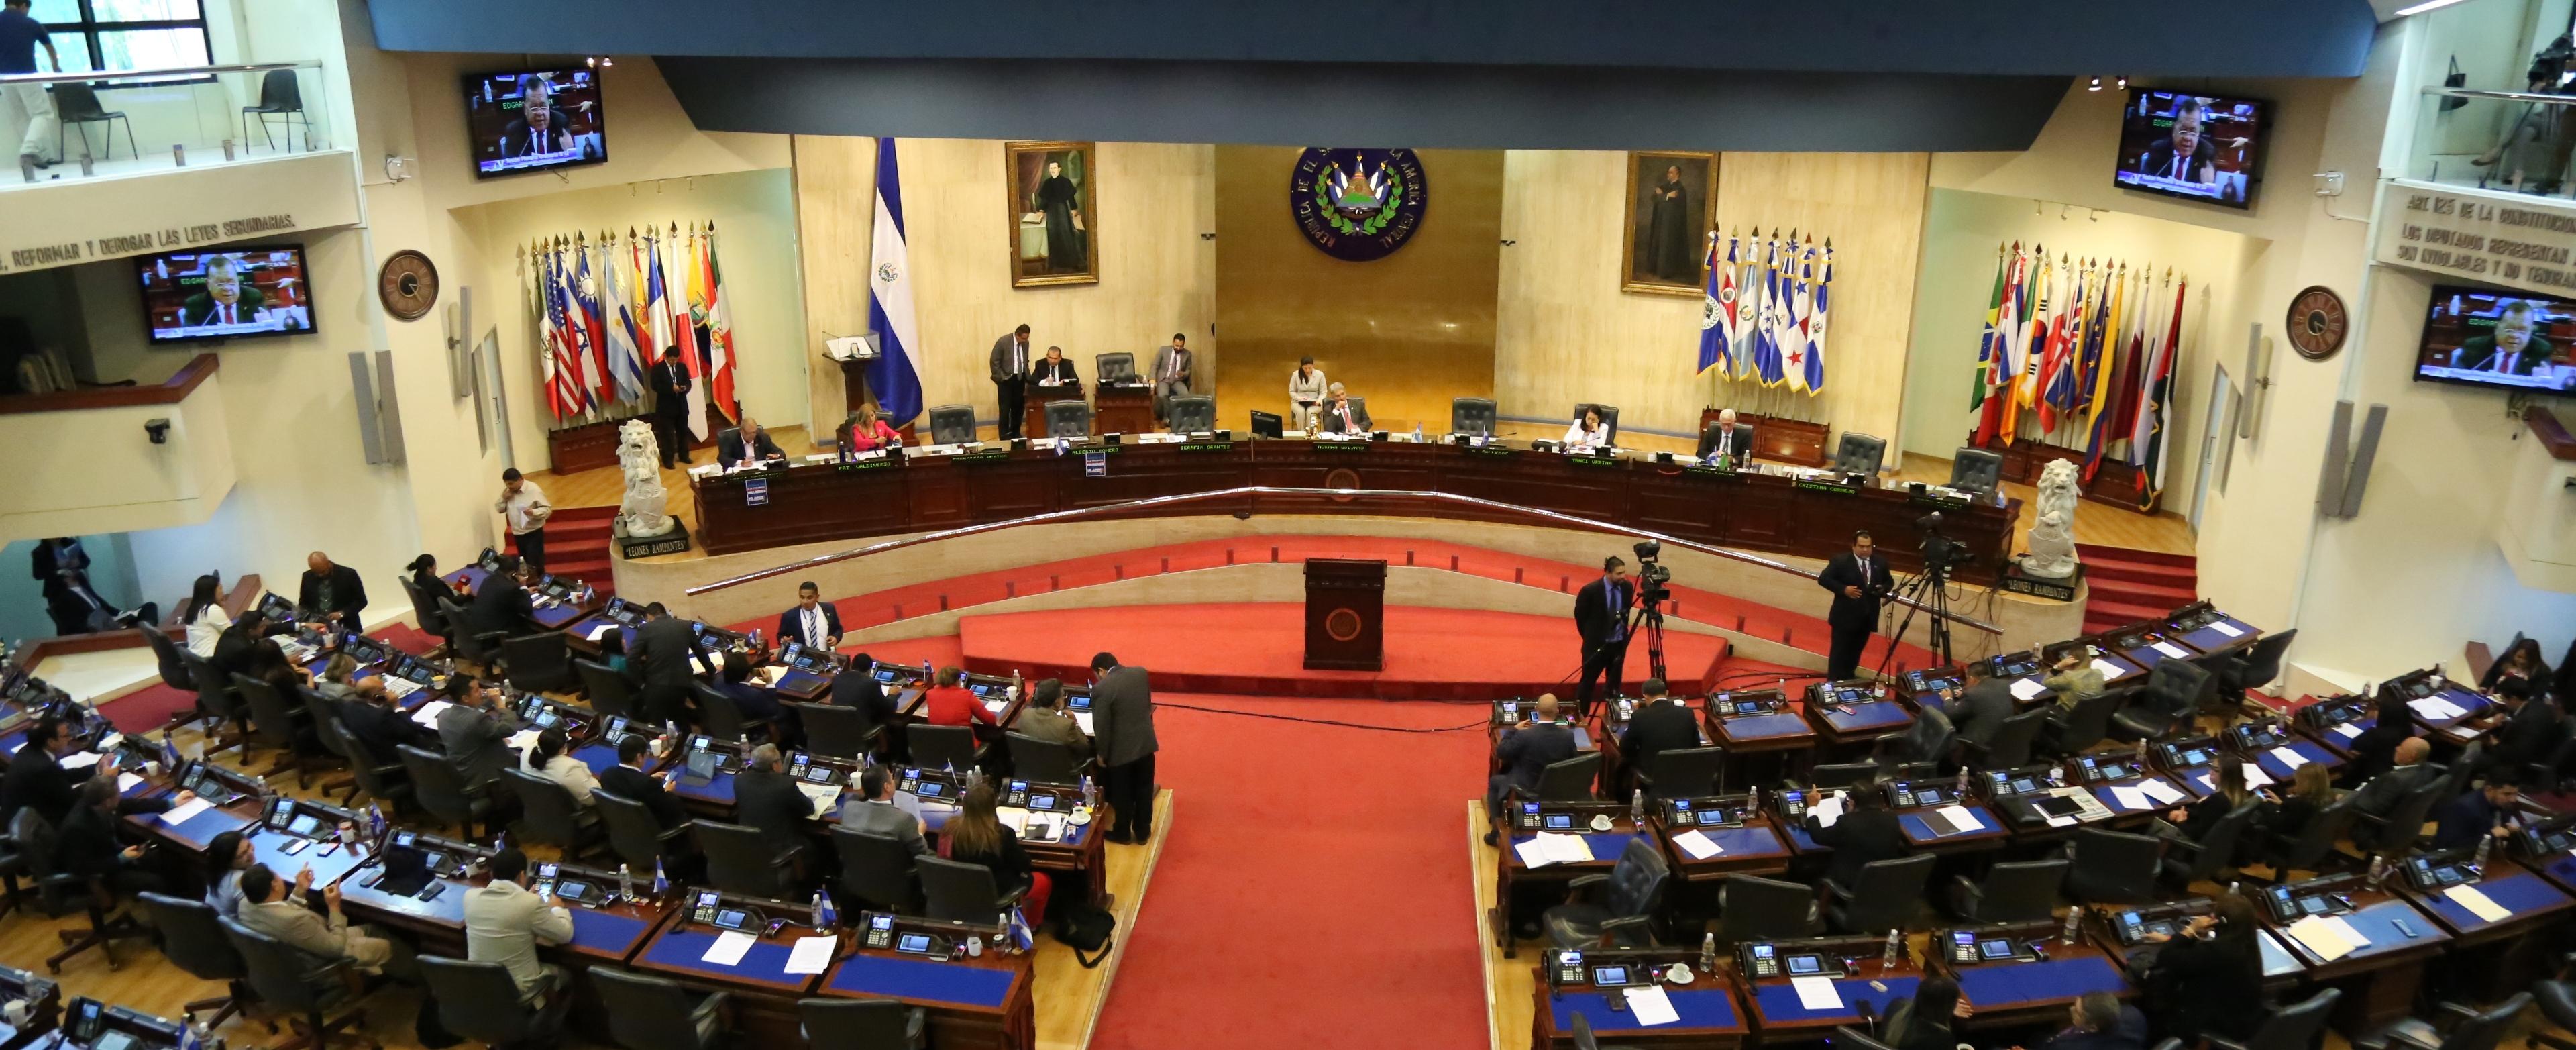 Asamblea facilitó DUI para alrededor de 200,000 ciudadanos, es por ello que los legisladores buscan una tercera asignación presupuestaria que garantice que ningún salvadoreño se quede sin votar